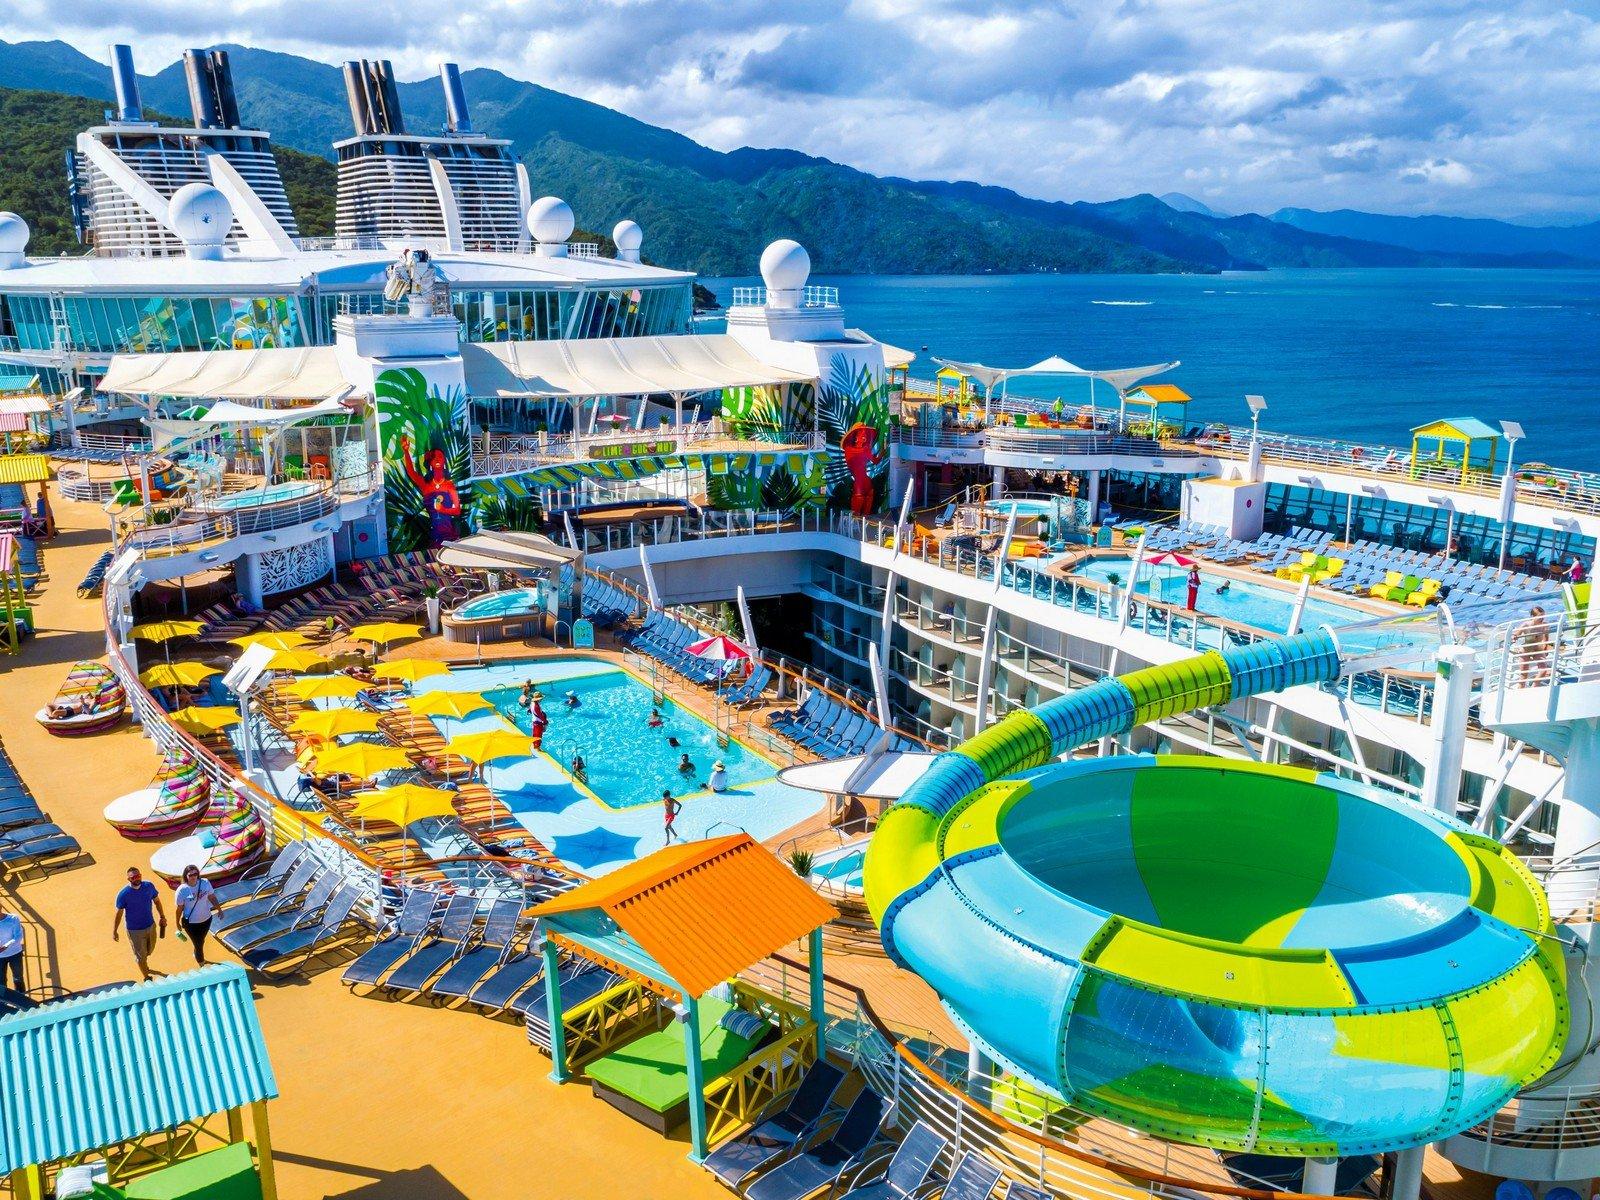 50 choses que tout le monde devrait faire lors d'une croisière Royal Caribbean au moins une fois